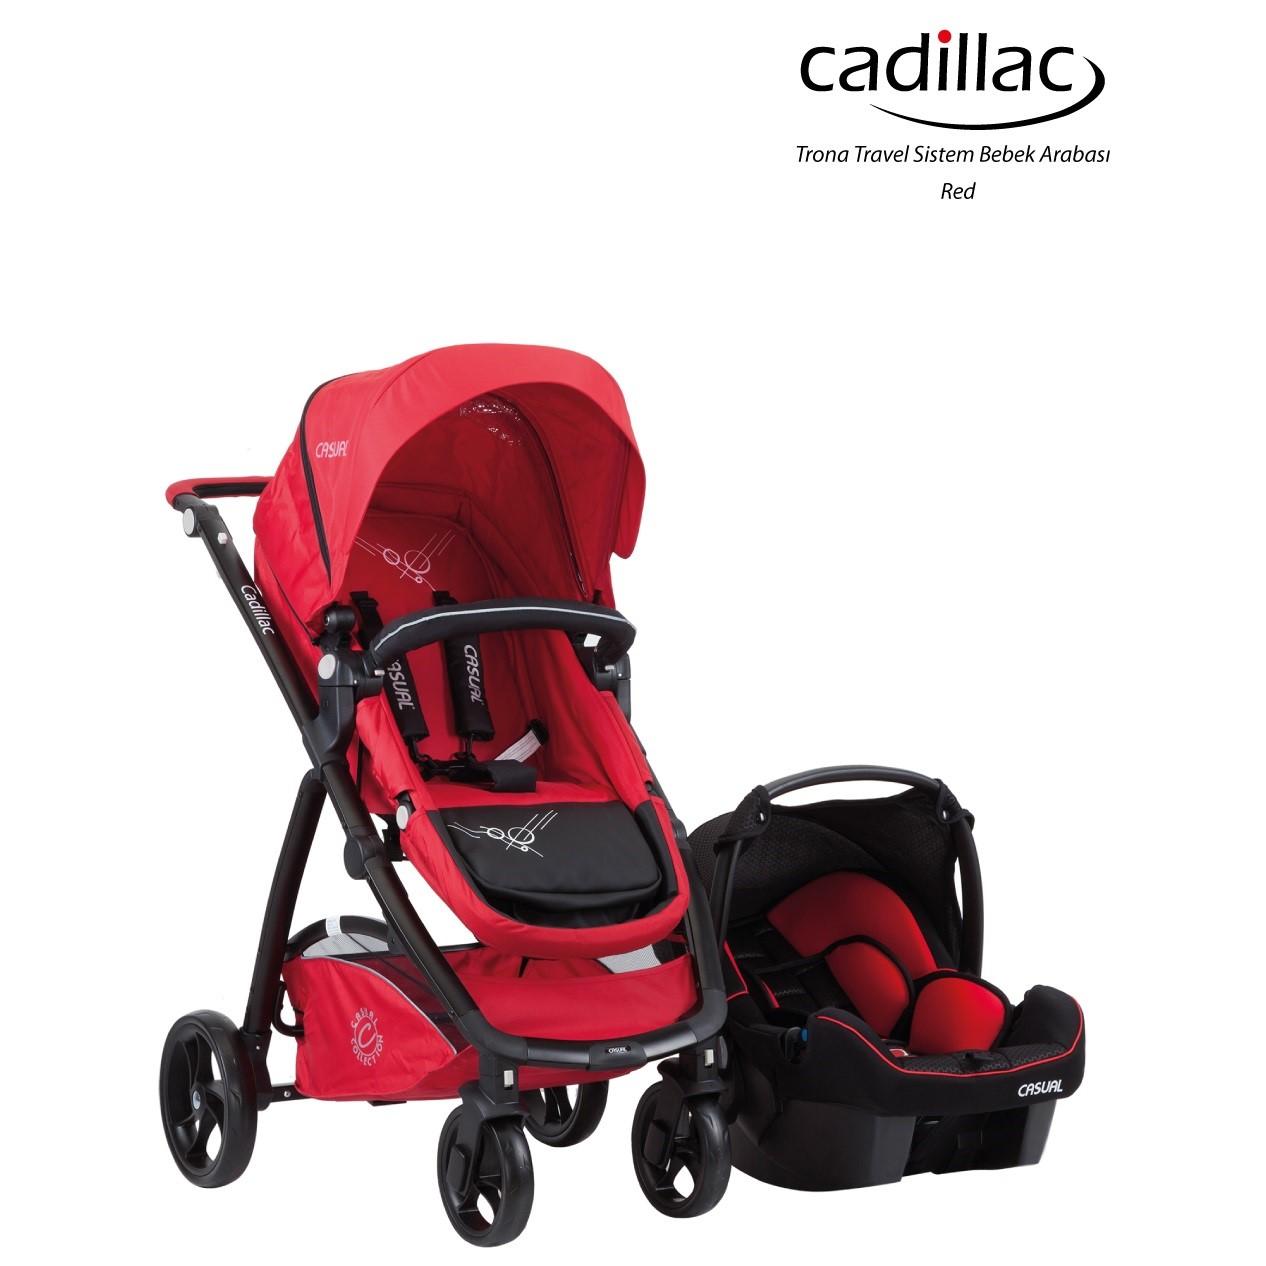 Cadillac Trona  T/S Bebek Arabası  Red-17